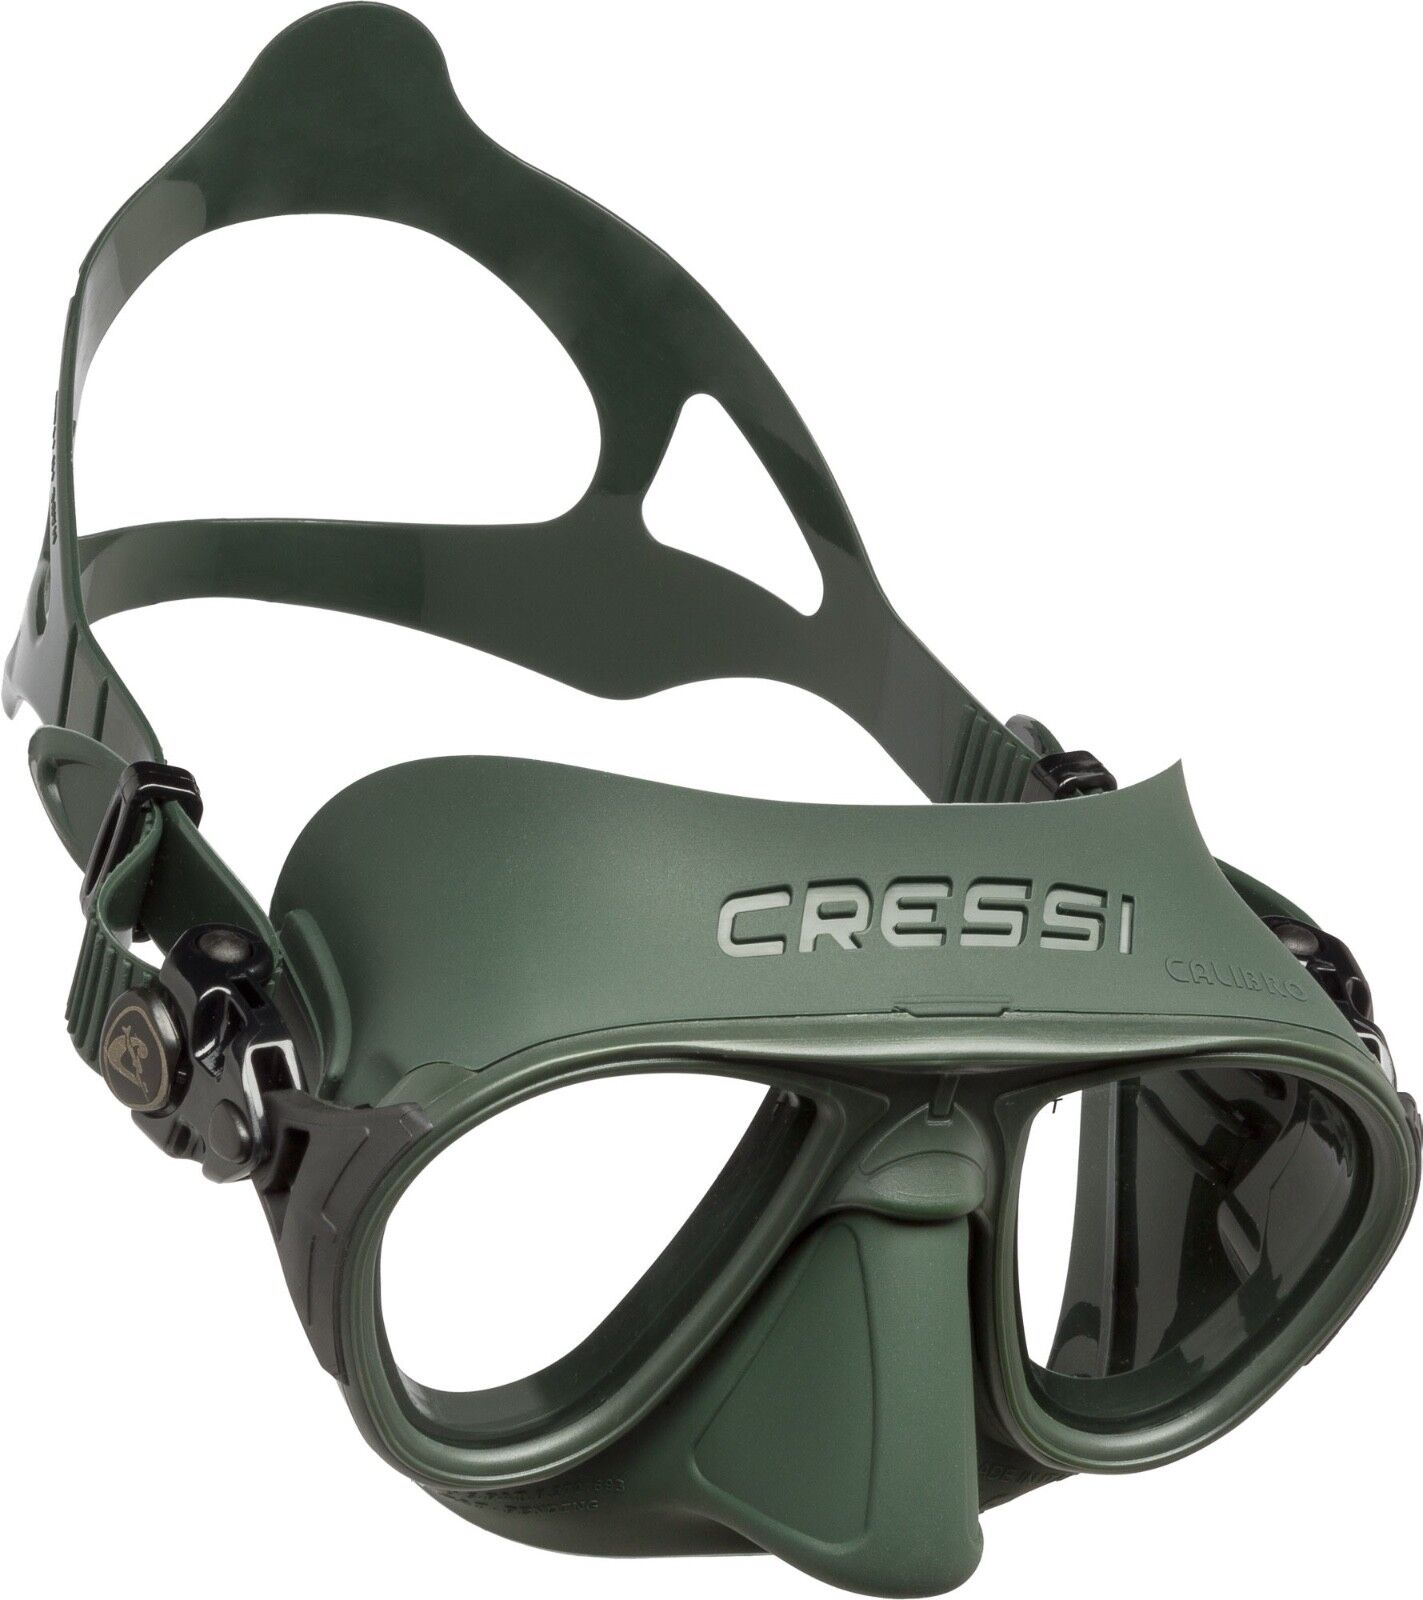 Calibro Cressi Maske One Size Green / Tauchmaske / Brille / Schnorcheln / Apnoe